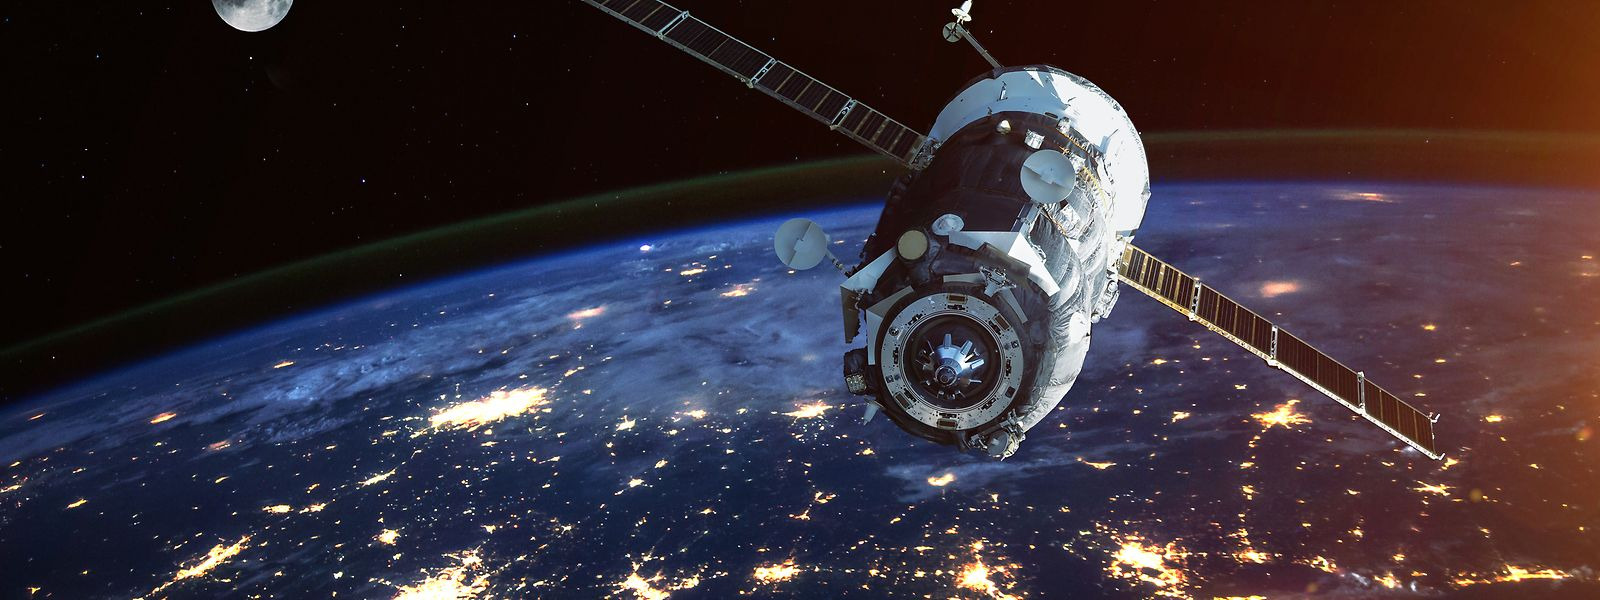 Outre la question budgétaire, le nouveau satellite militaire pose la question des choix réalisés par le ministère de la Défense.